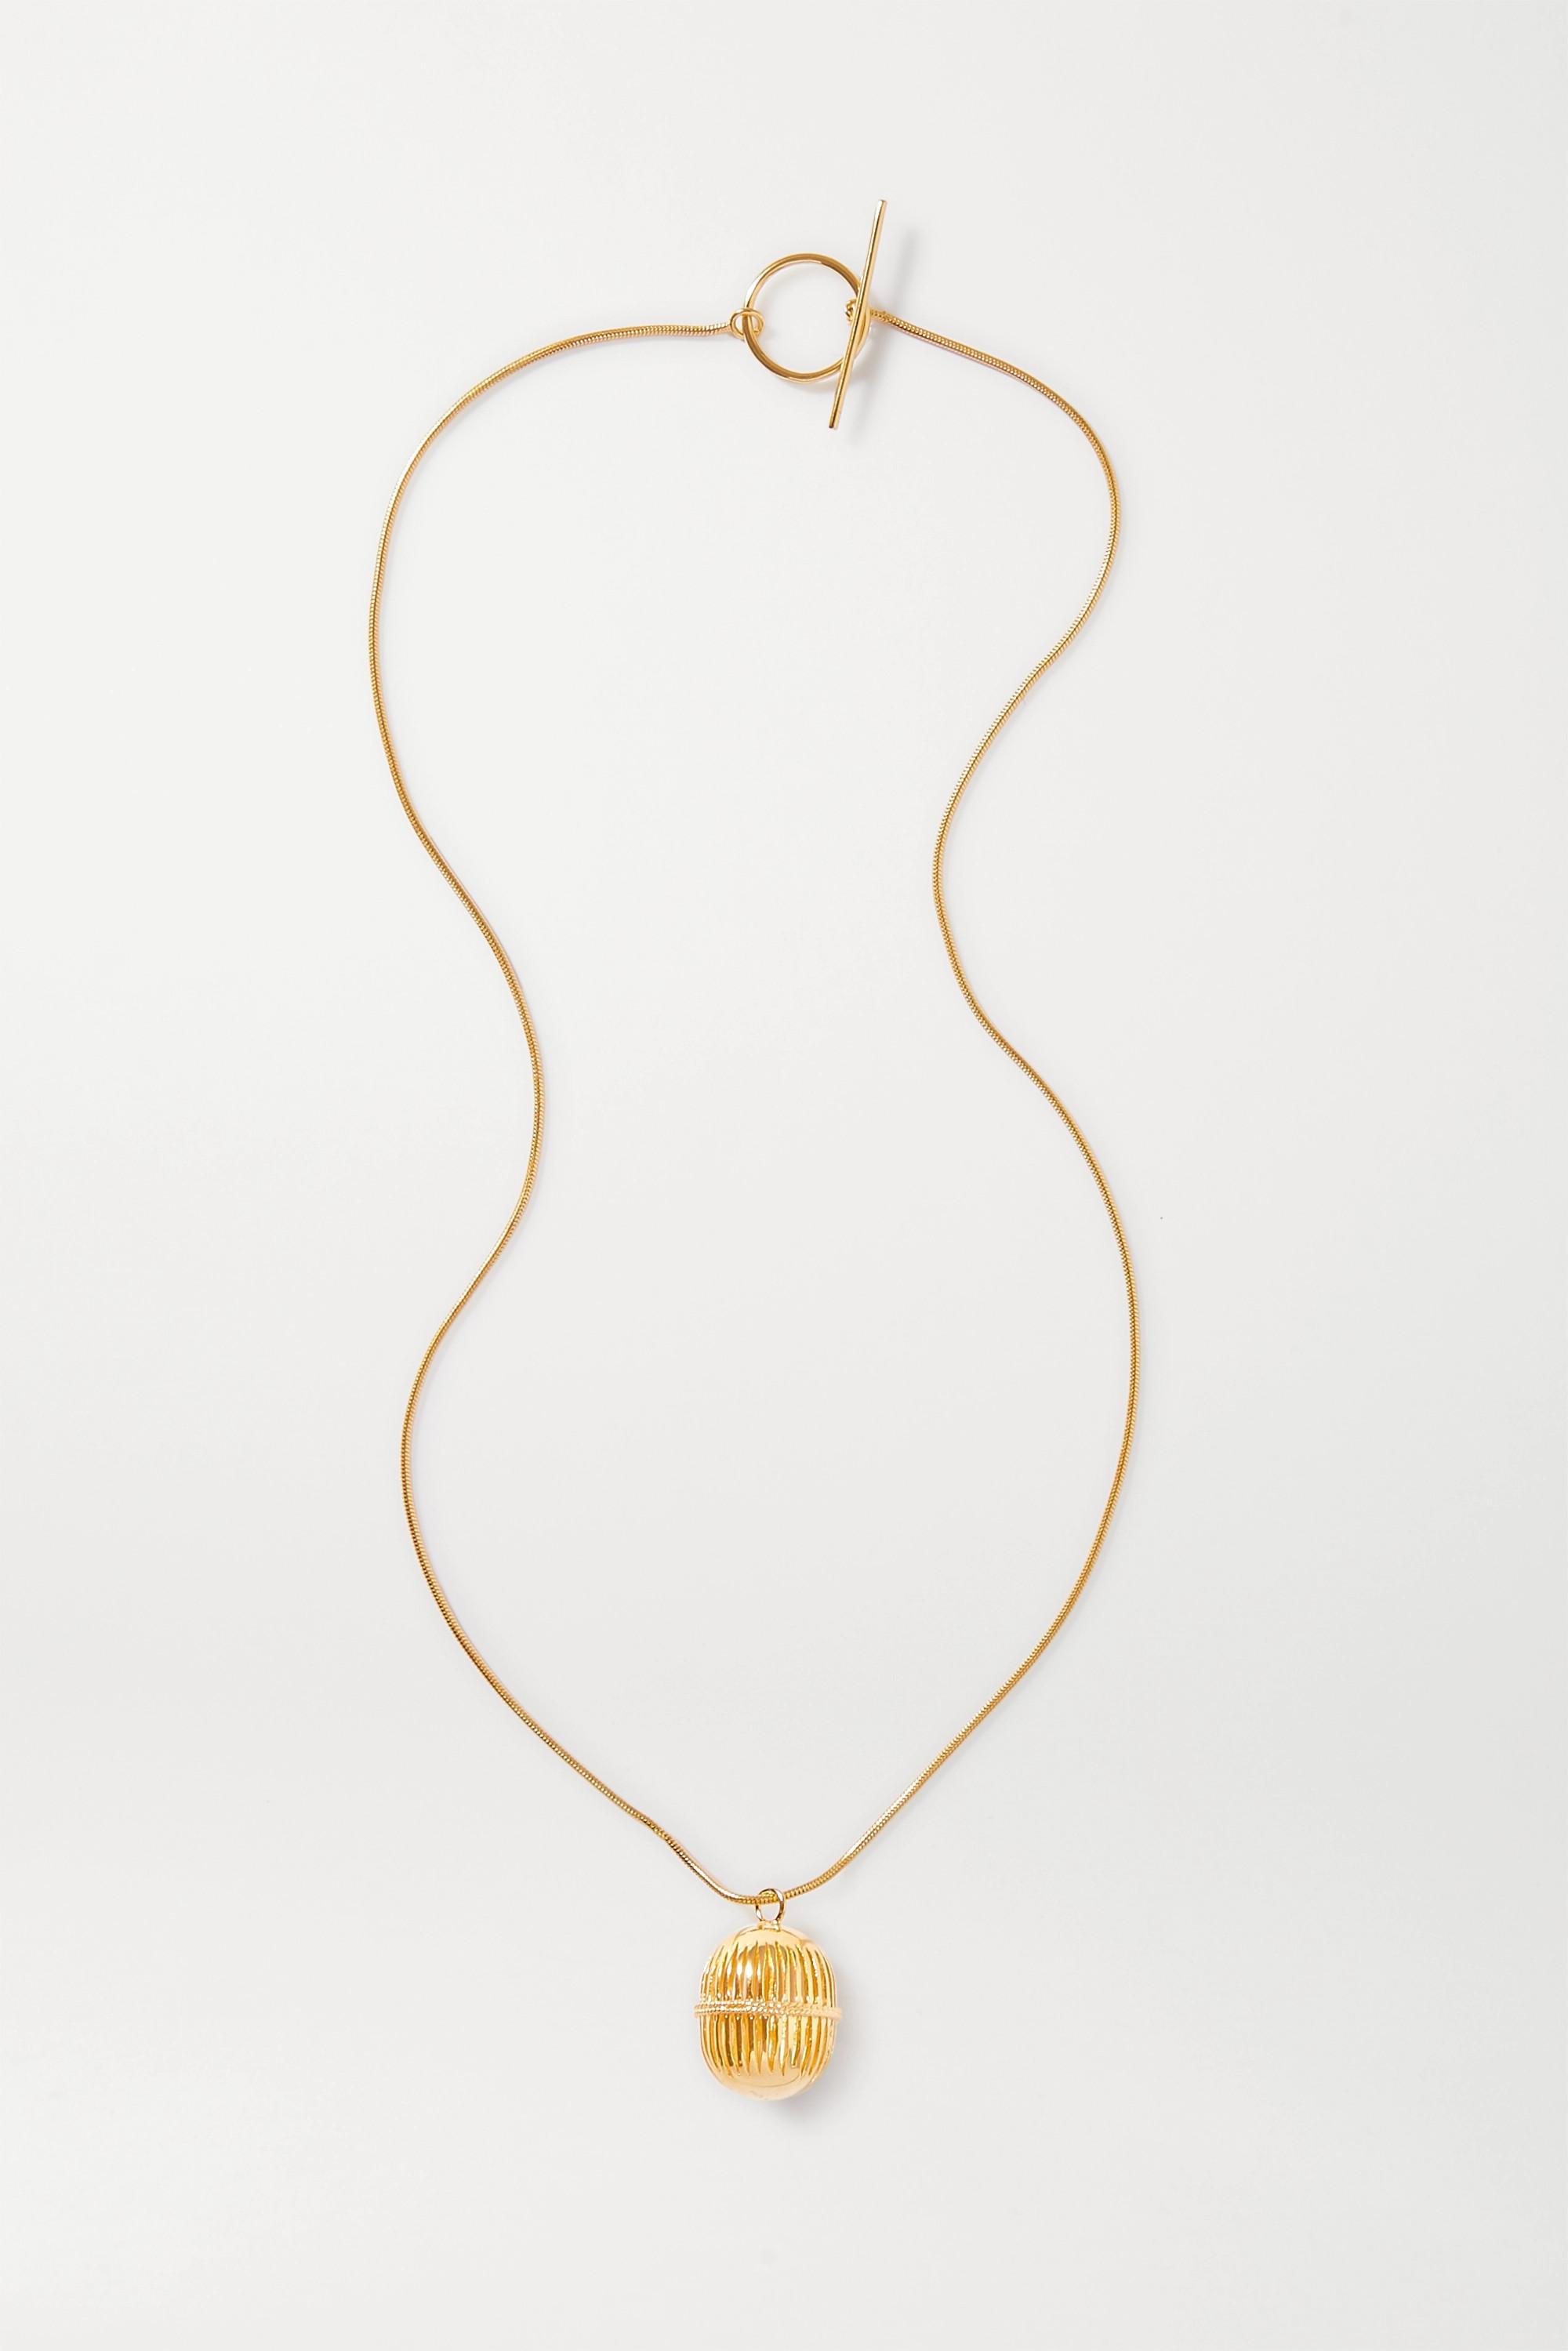 Soft Mountains Monologue gold vermeil necklace